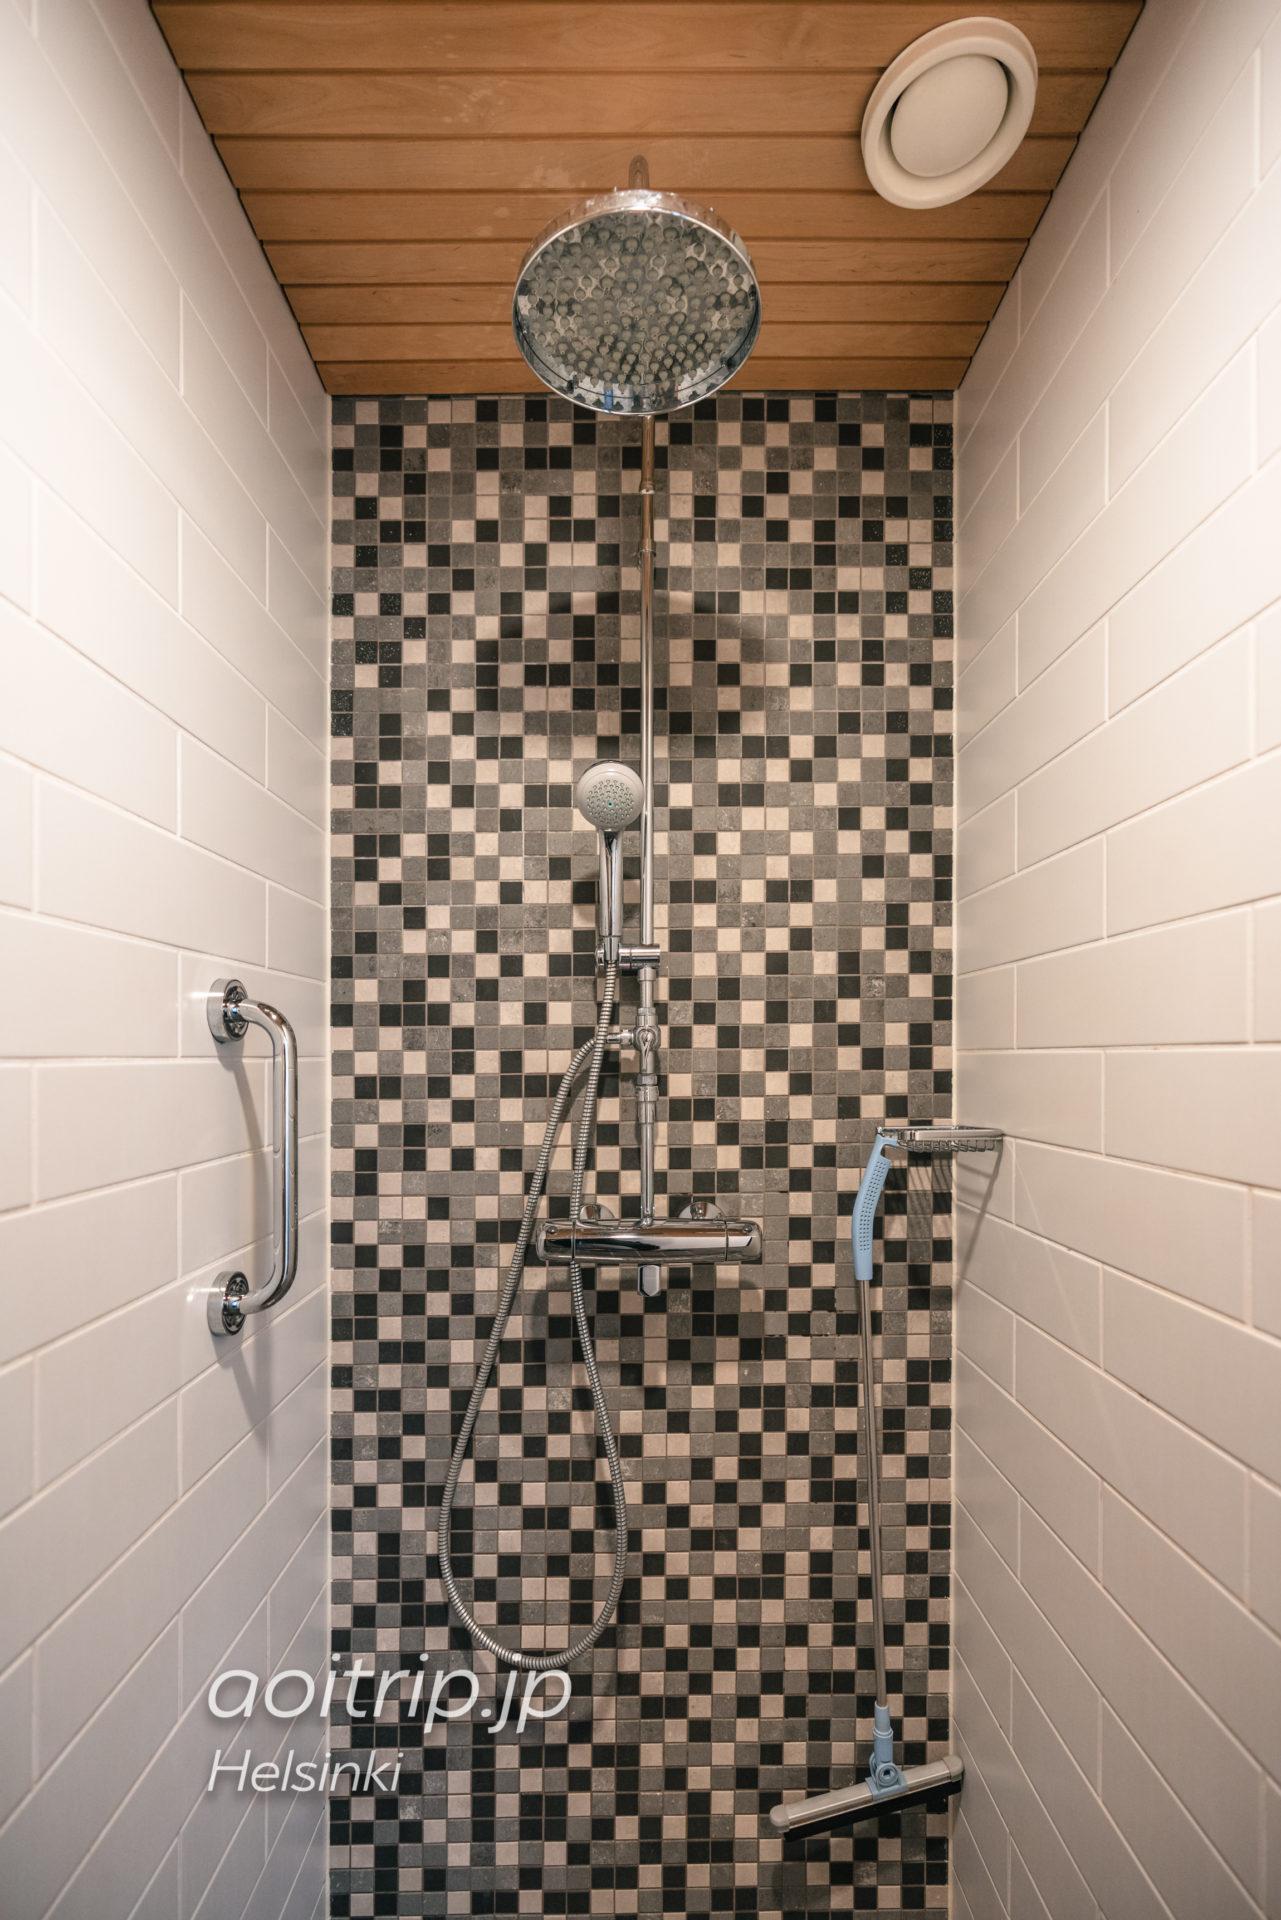 ホテルカタヤノッカのシャワー